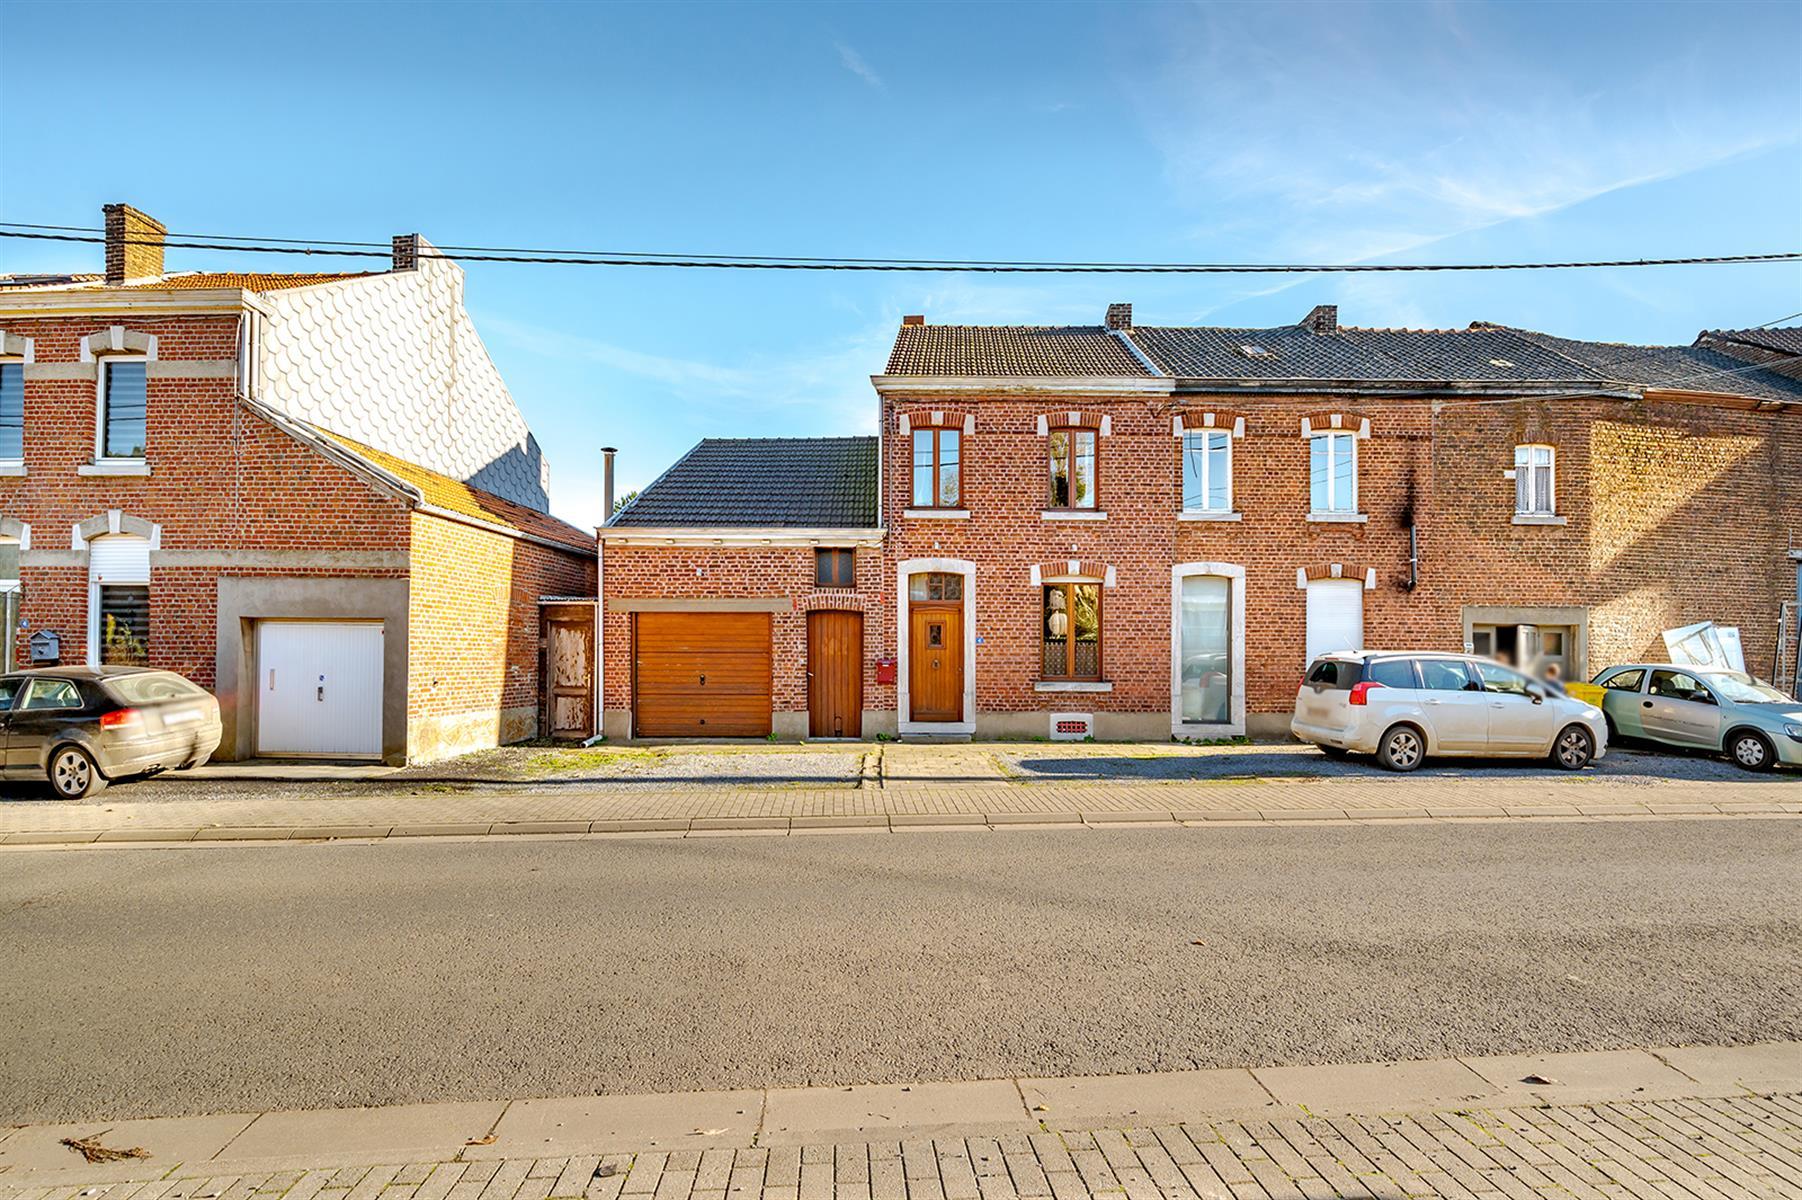 Maison - Fexhele-Haut-Clocher Voroux-Goreux - #4214944-0